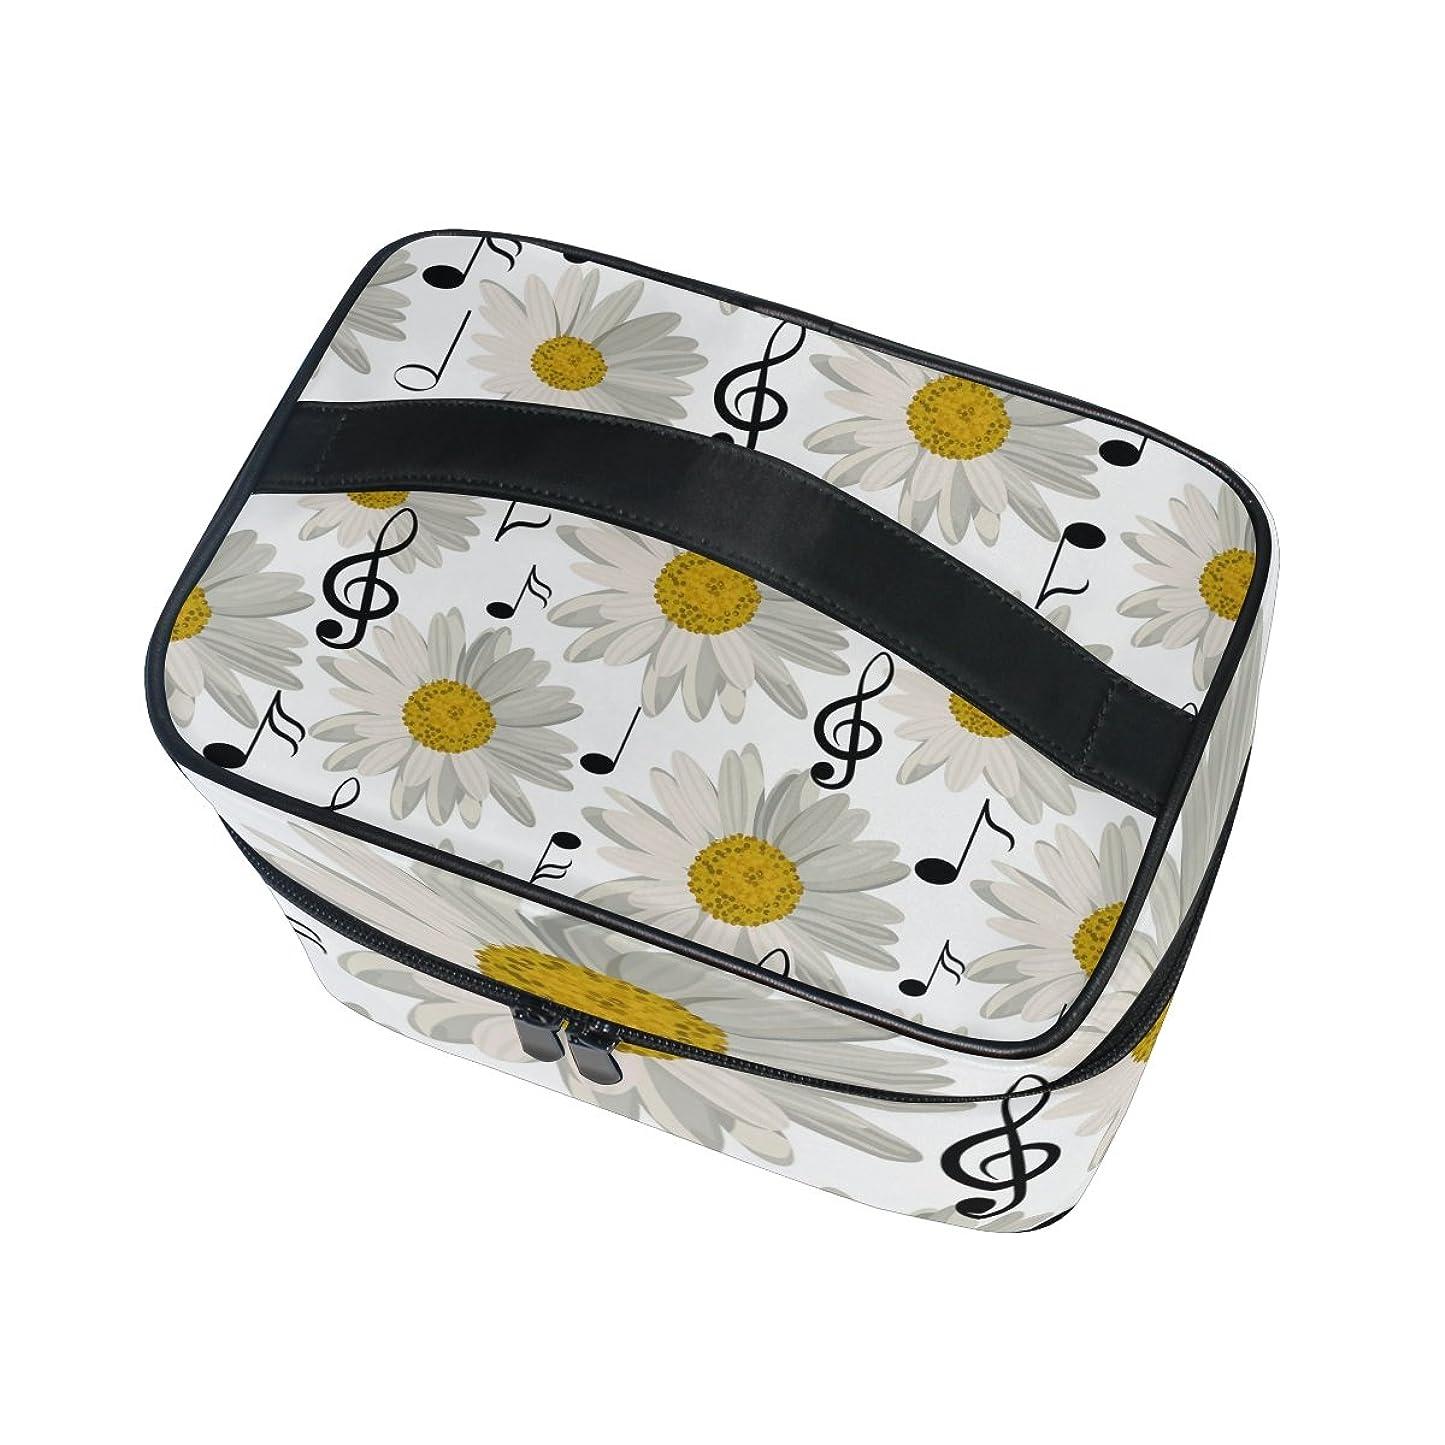 葉を拾うブランド名モンスターALAZA 化粧ポーチ 音楽柄 音符柄 化粧 メイクボックス 収納用品 ホワイト 大きめ かわいい